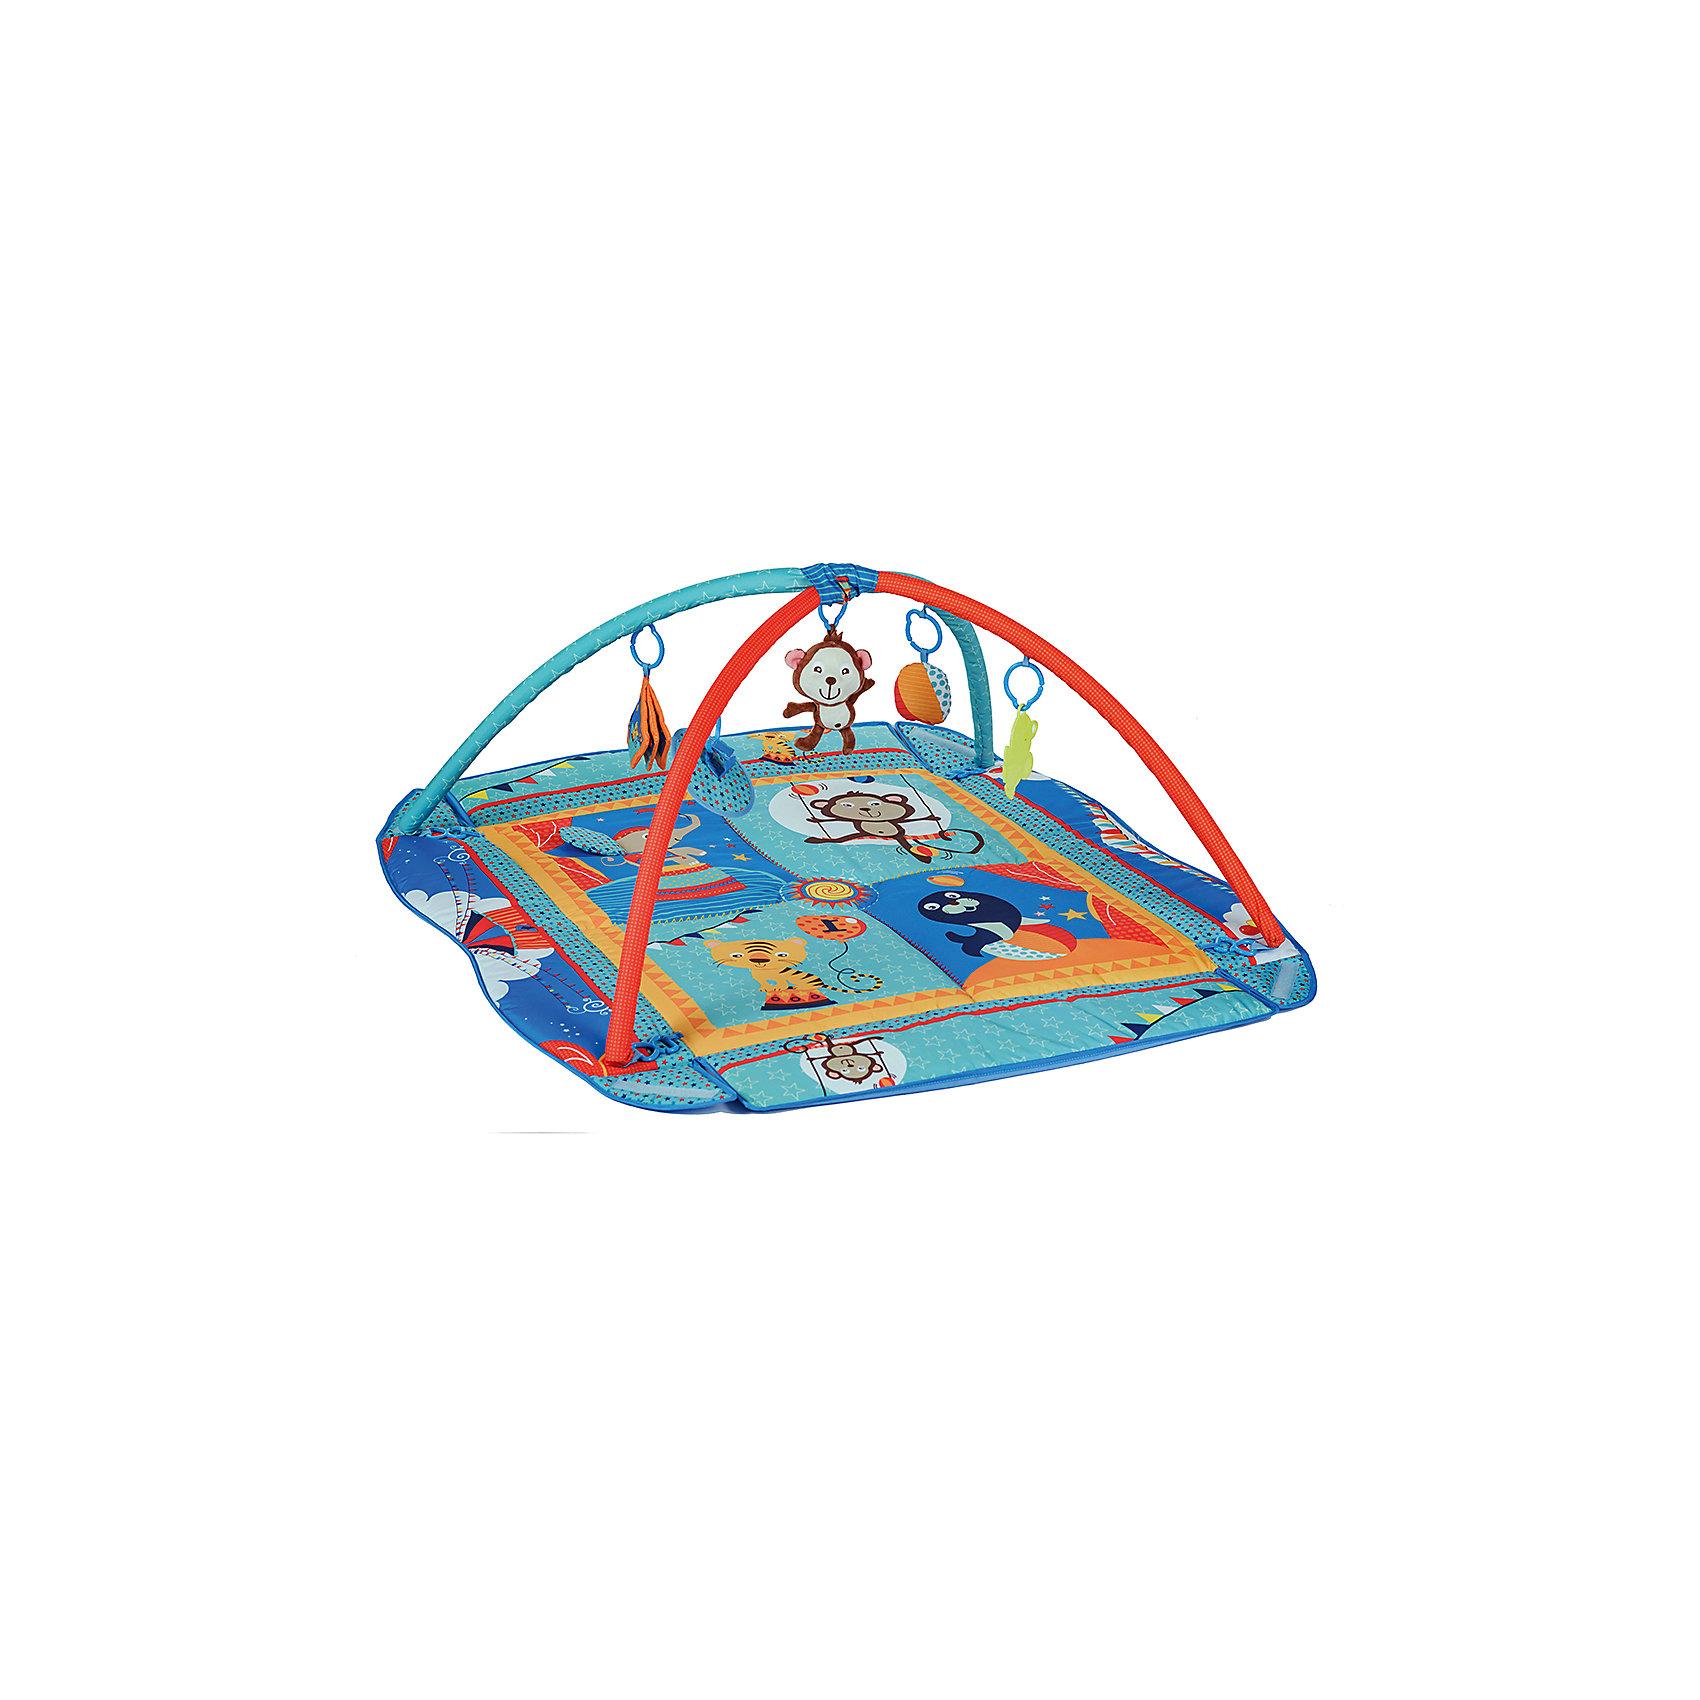 Коврик PM-03, Babyhit, ЦиркРазвивающие коврики<br>Характеристики:<br><br>• игровой коврик для ребенка;<br>• съемные дуги с петельками для подвешивания развивающих игрушек;<br>• наличие бортиков;<br>• подвесные игрушки: безопасное зеркальце, прорезыватель, мягкая музыкальная игрушка обезьянка, книжка-игрушка с шуршащими страничками, погремушка;<br>• материал: текстиль, плюш, пластик;<br>• размер коврика: 115х100х46 см;<br>• размер упаковки: 95х75х55 см;<br>• вес в упаковке: 2,073 кг.<br><br>Игровой коврик с бортиком и дугами для подвесных игрушек оказывает благотворное влияние на развитие малыша с первых дней его жизни. Коврик используется для игры дома, на даче, на лужайке. Мягкое стеганое покрытие коврика дает возможность развить у ребенка тактильное восприятие, игра с развивающими игрушками поможет познать звуковые и зрительные образы. Музыкальная игрушка, погремушка и прорезыватель включены в комплект поставки. Пластиковые карабины предназначены как для игрушек, входящих в комплект, так и для других подвесных игрушек, подвесок и модулей.  <br><br>Коврик PM-03, Babyhit, Цирк можно купить в нашем интернет-магазине.<br><br>Ширина мм: 950<br>Глубина мм: 750<br>Высота мм: 550<br>Вес г: 2073<br>Возраст от месяцев: 0<br>Возраст до месяцев: 6<br>Пол: Унисекс<br>Возраст: Детский<br>SKU: 5500274